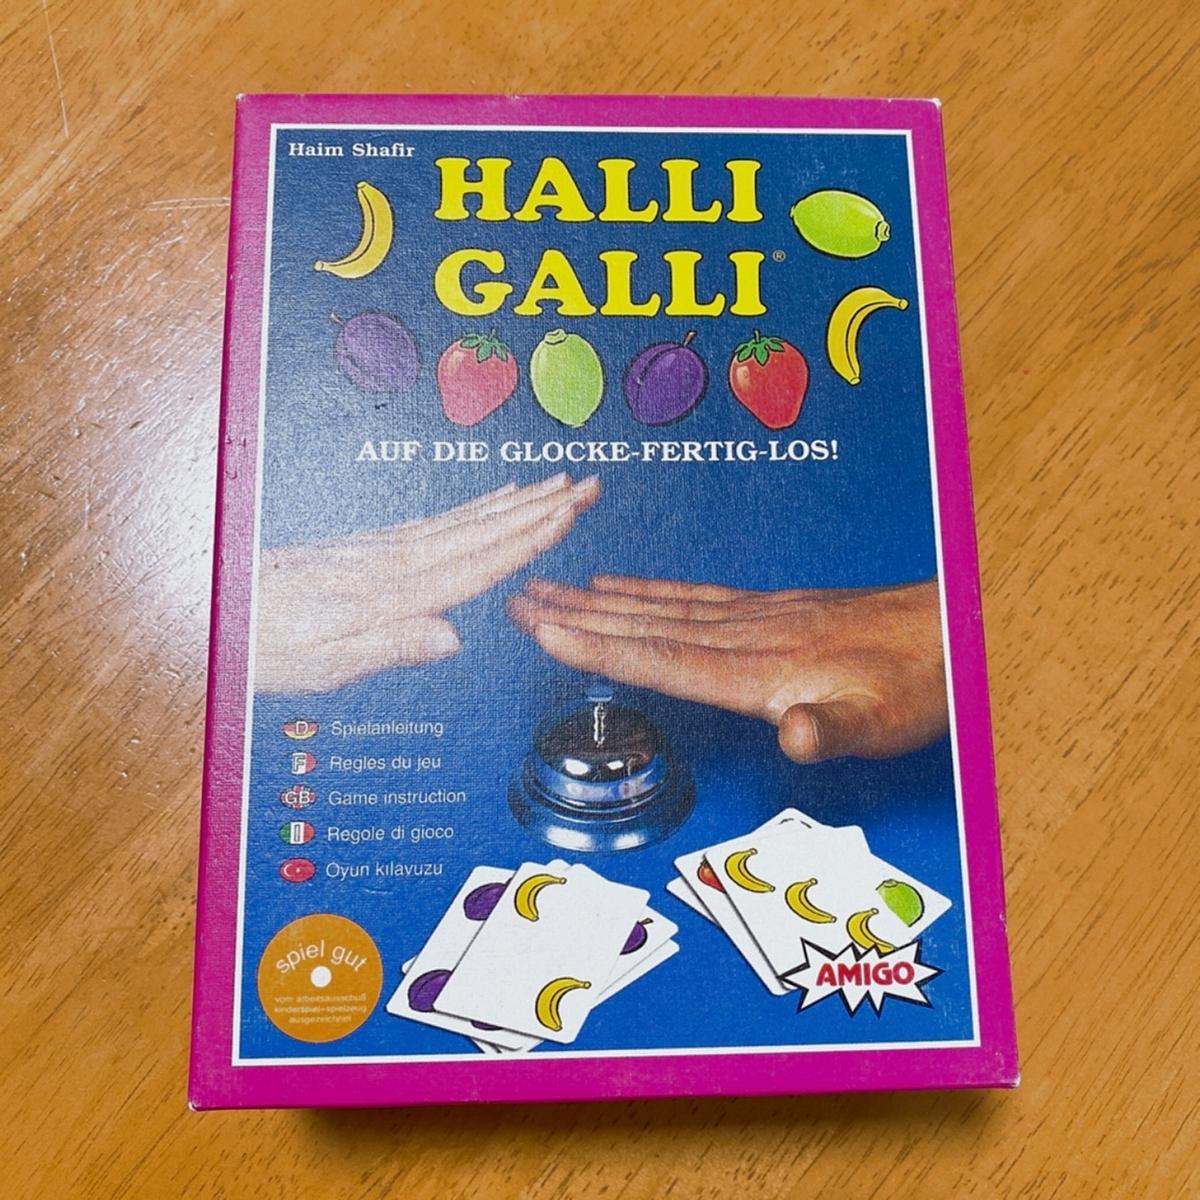 「HALLI GALLI」のパッケージの写真